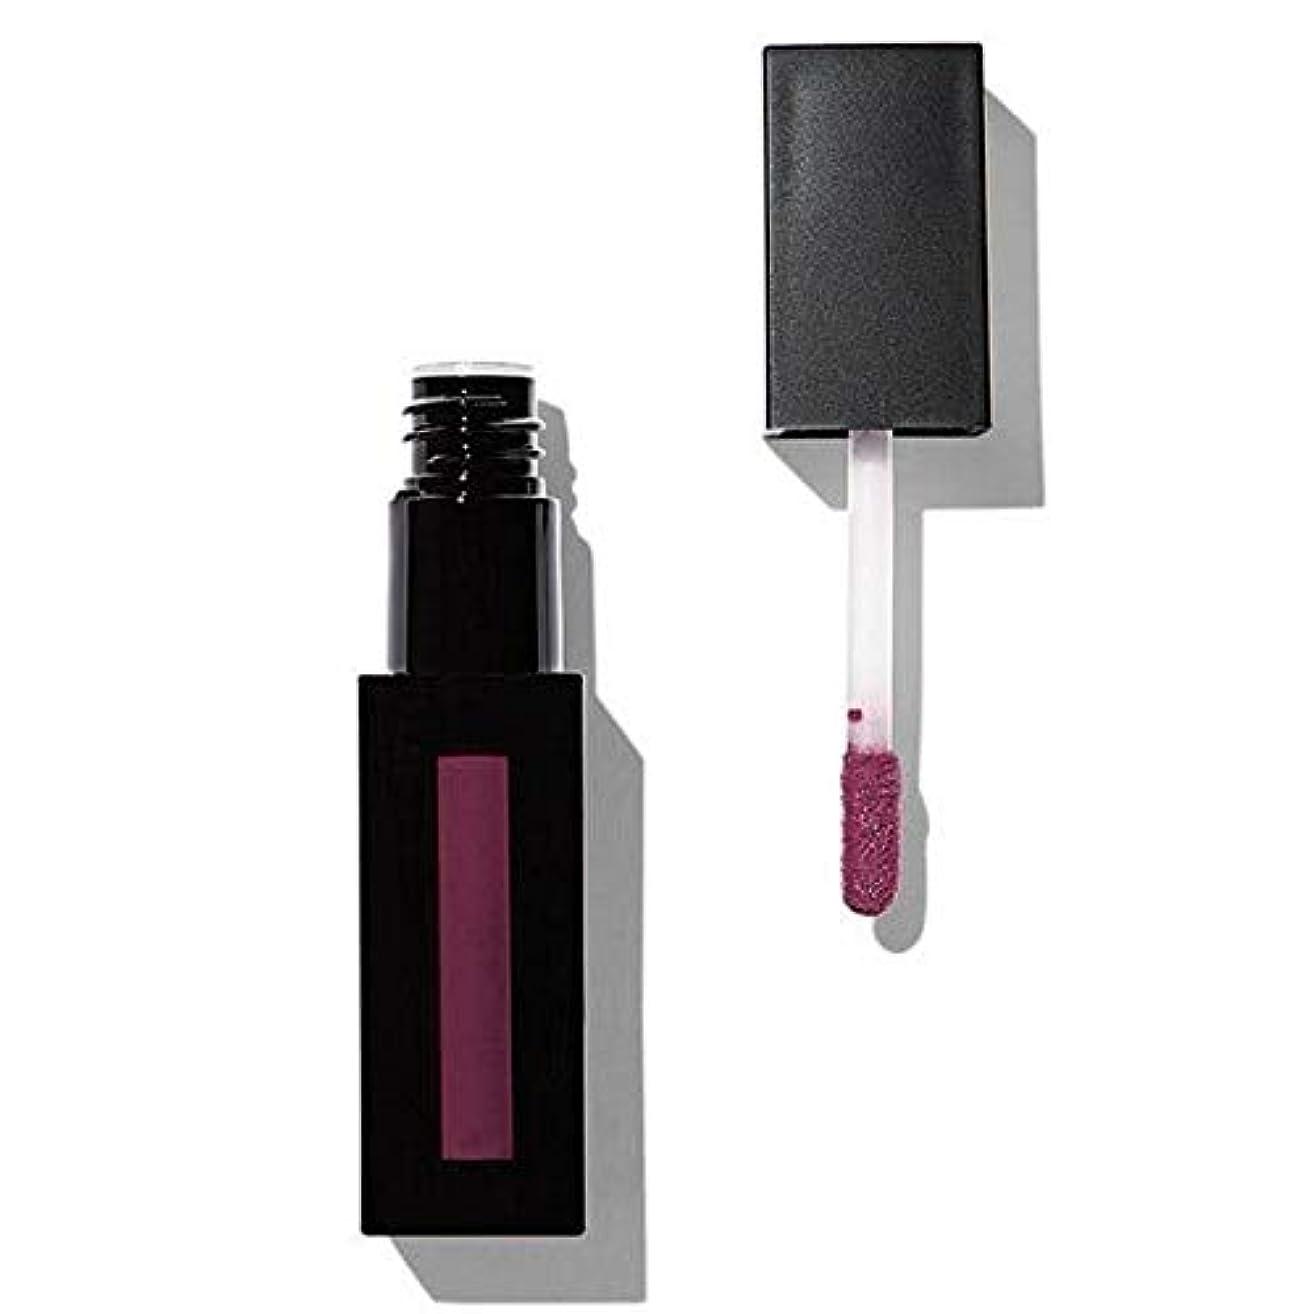 コロニアル後トレース[Revolution ] 革命プロ最高のマットリップ顔料標高 - Revolution Pro Supreme Matte Lip Pigment Elevation [並行輸入品]